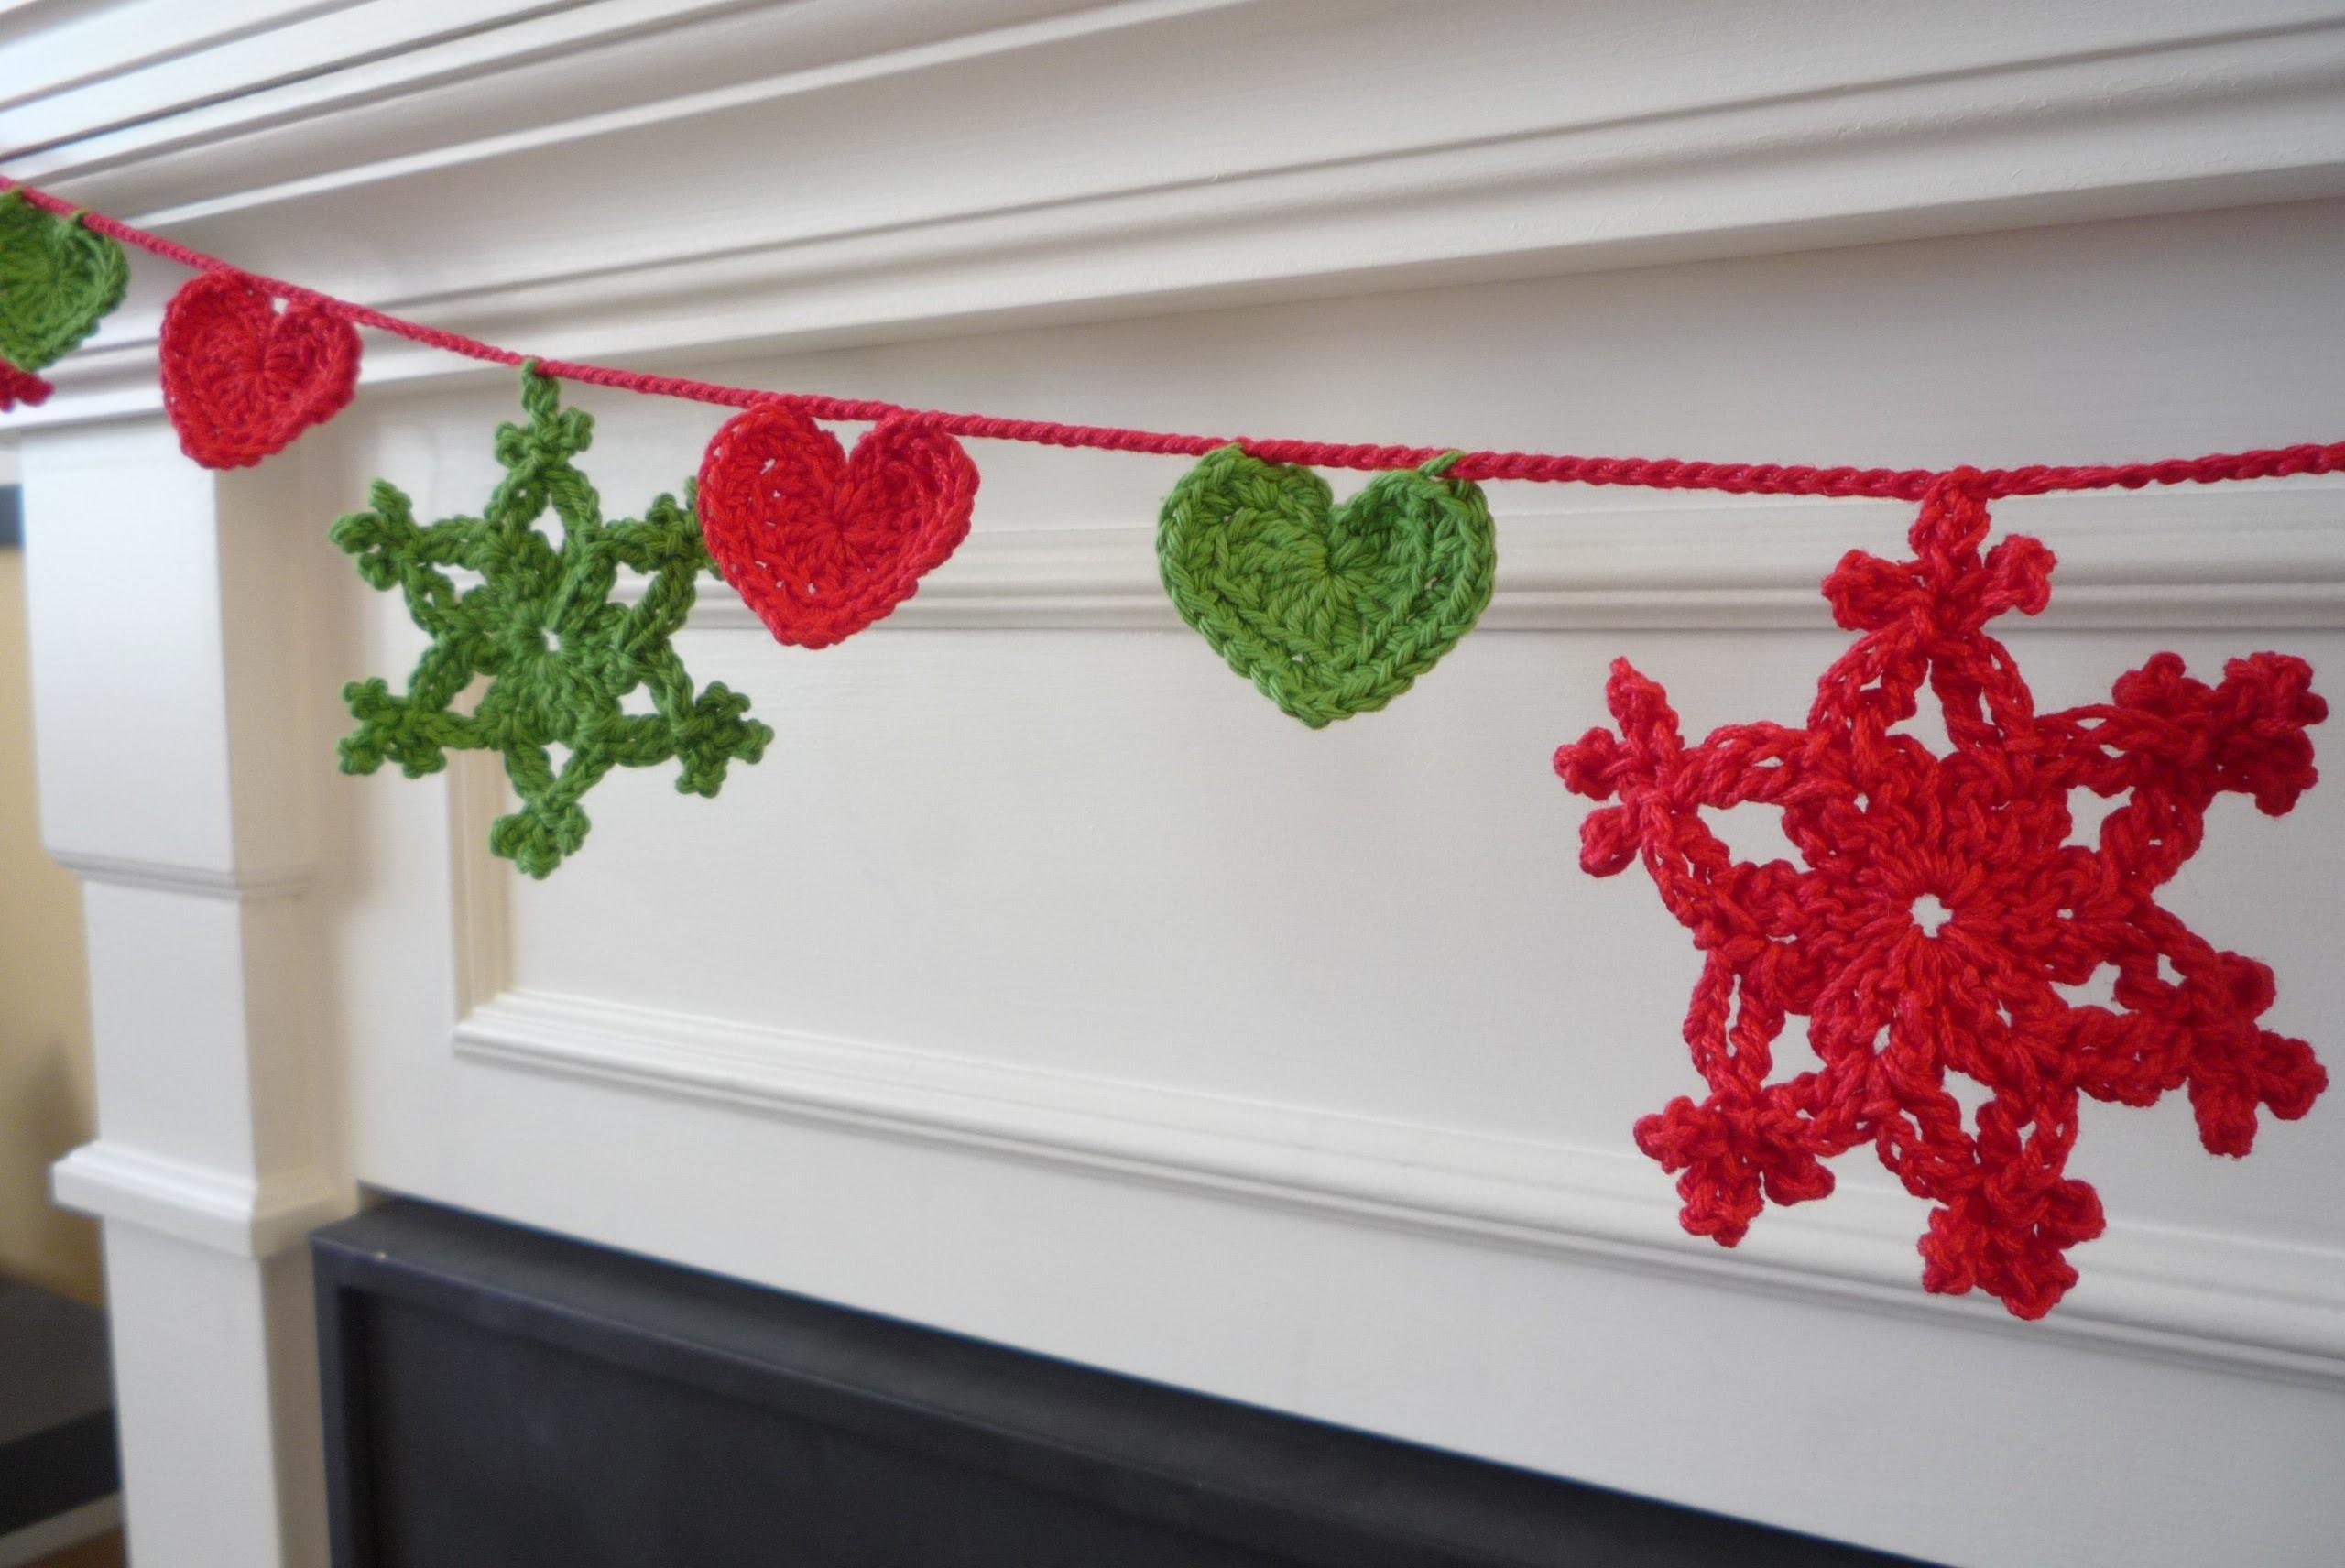 Crochet guirnalda de navidad - Guirnaldas navidad manualidades ...